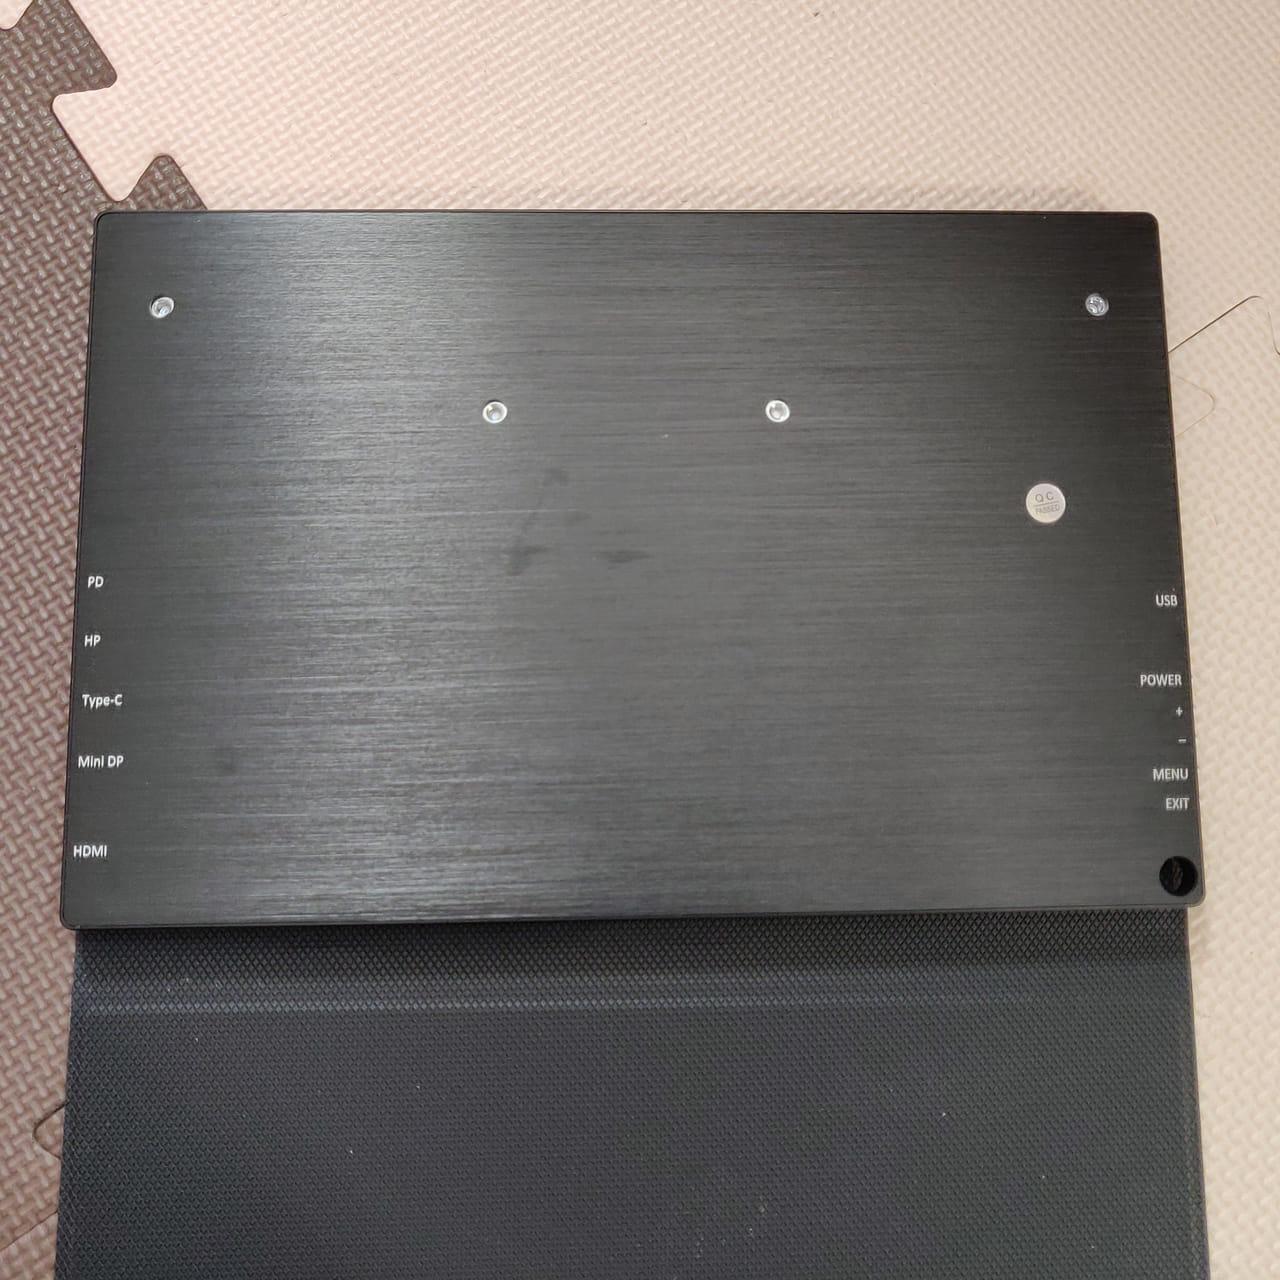 cocopar zg-125-2kpの本体裏面にポート名の記載があります